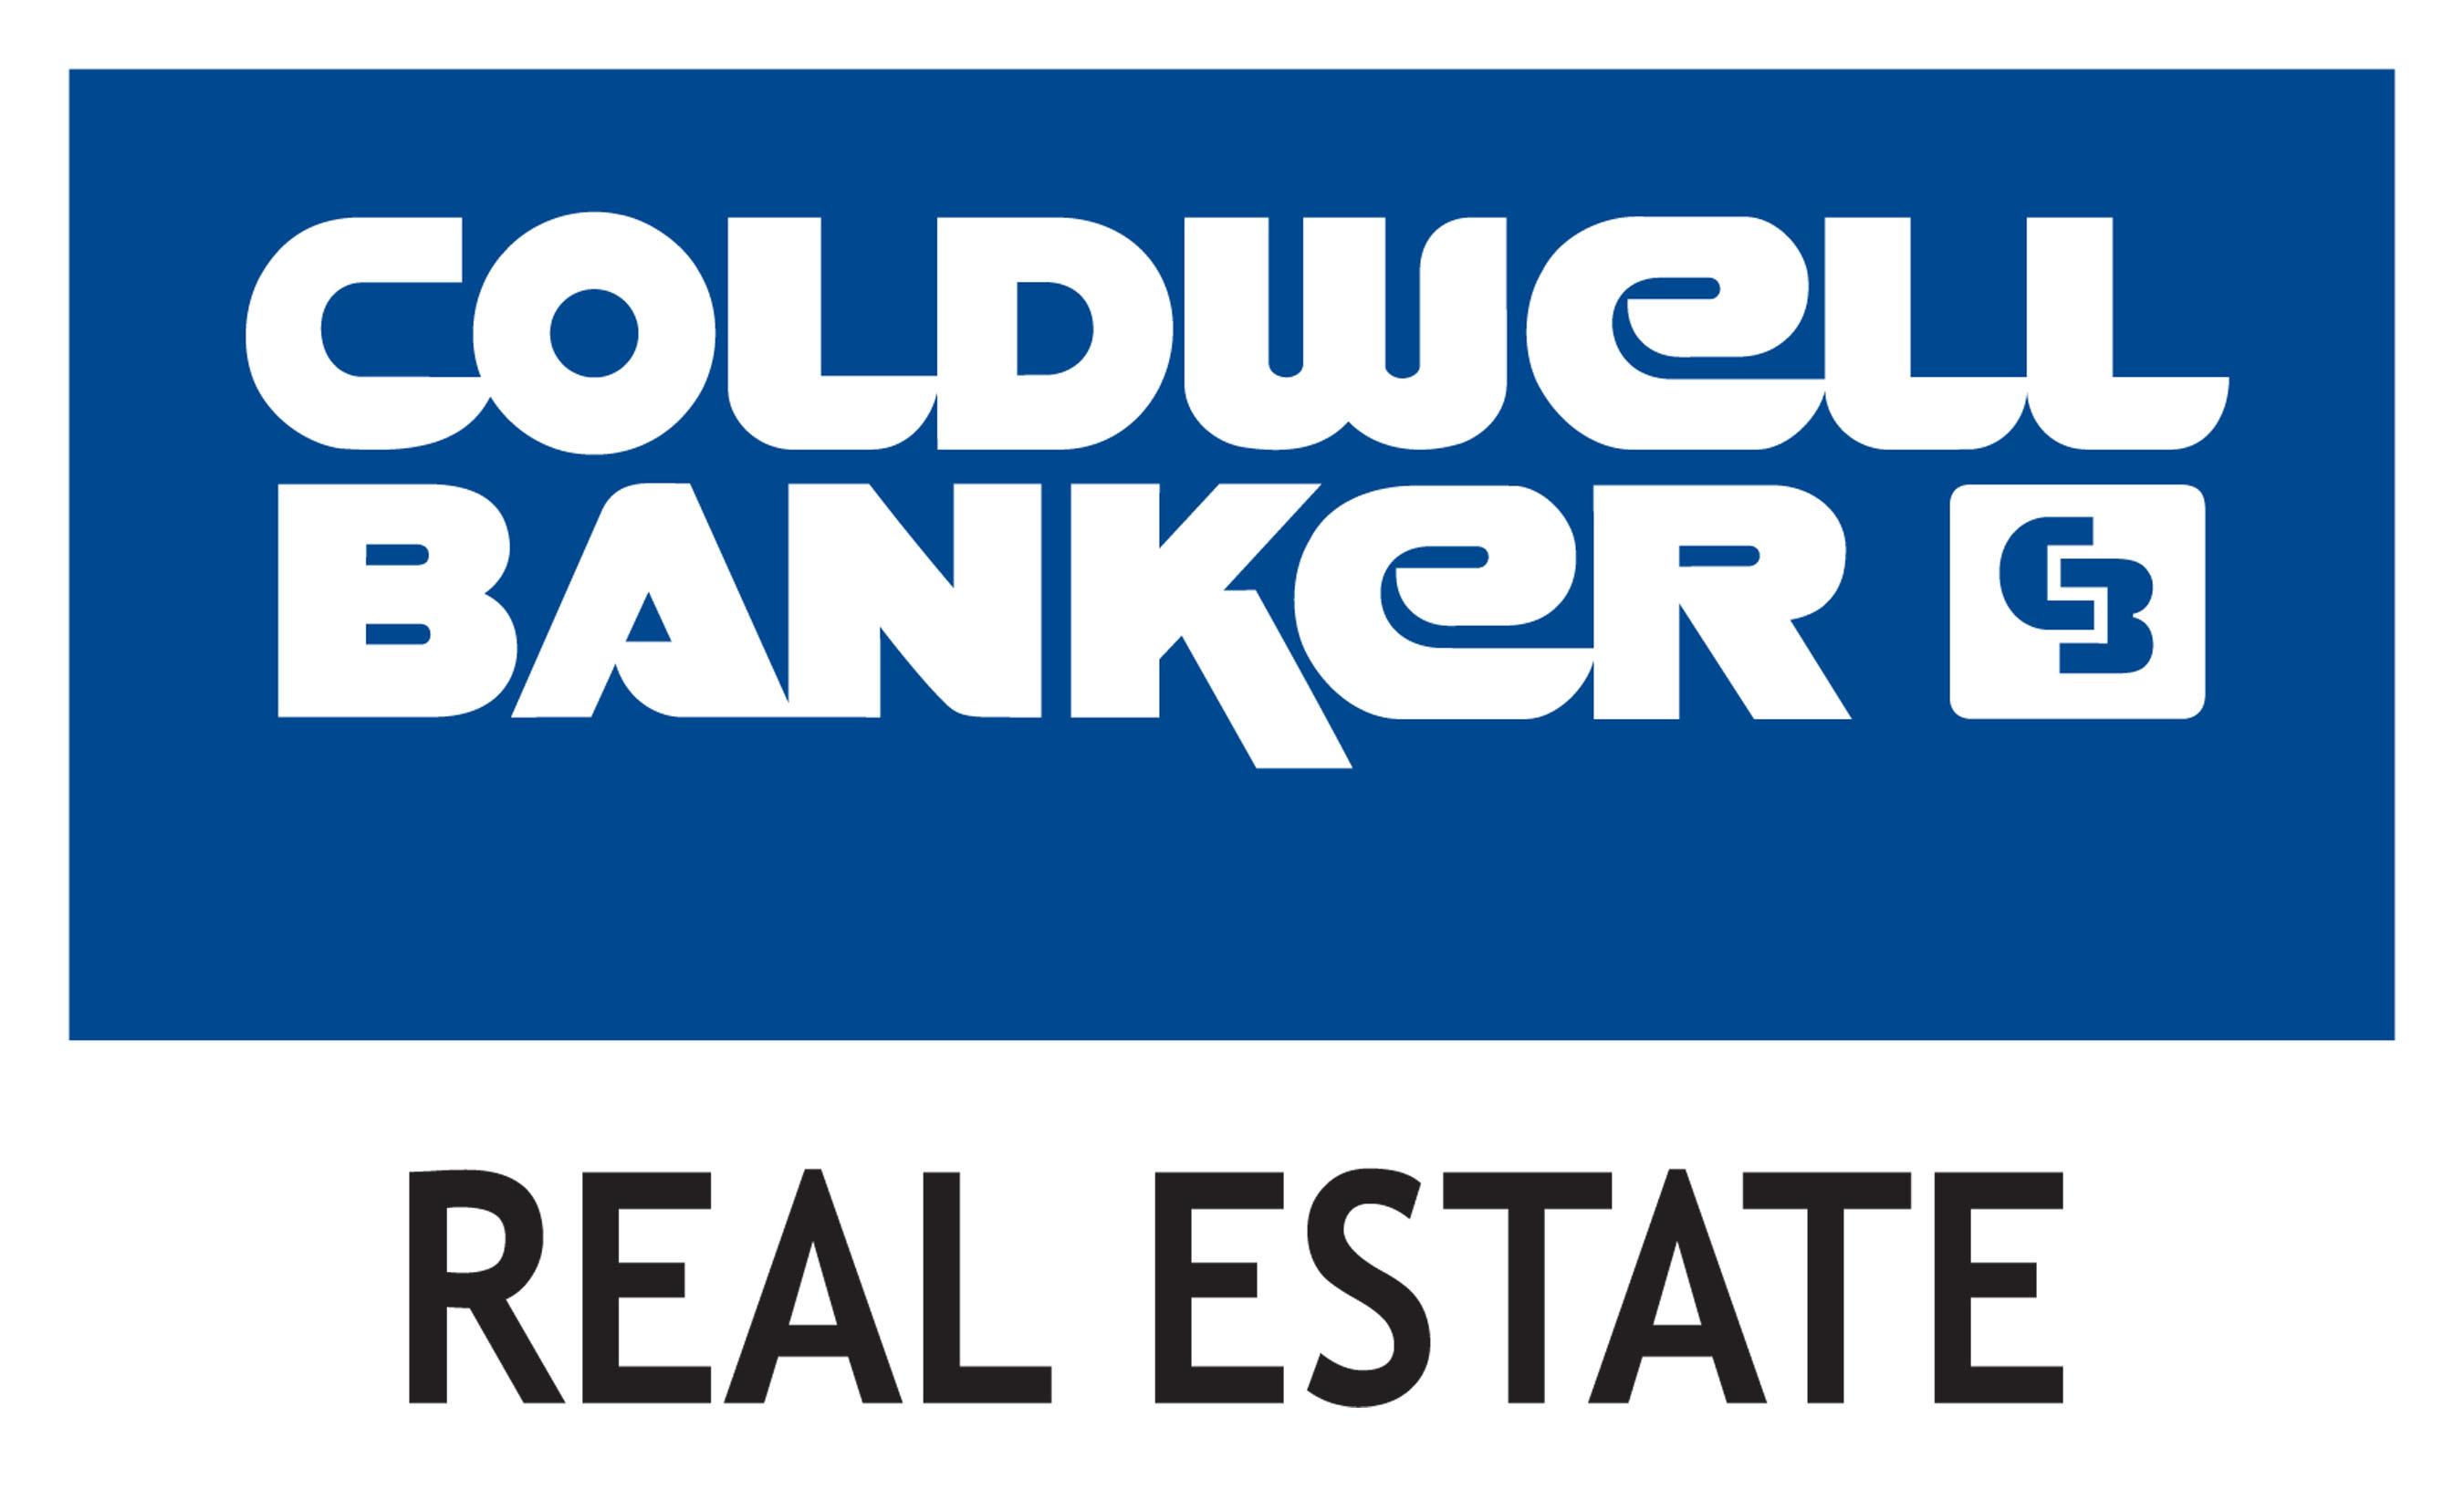 Coldwell Banker Real Estate LLC logo.